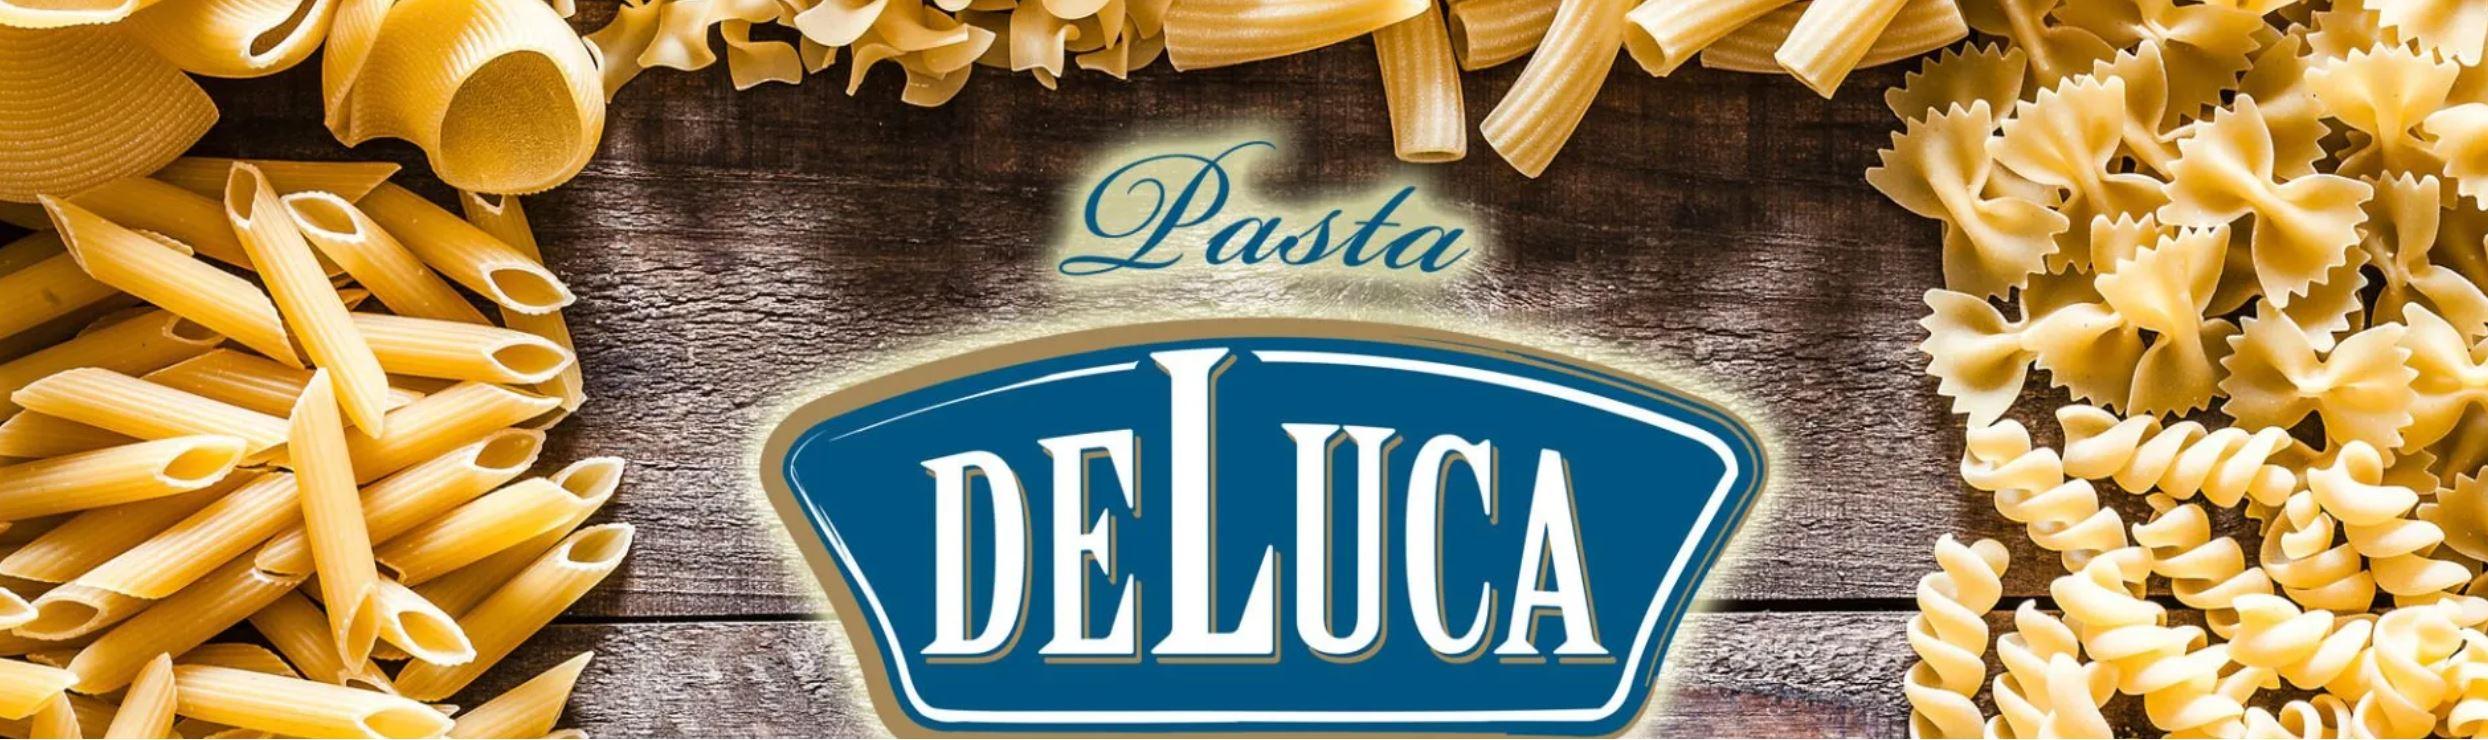 Pastificio De Luca